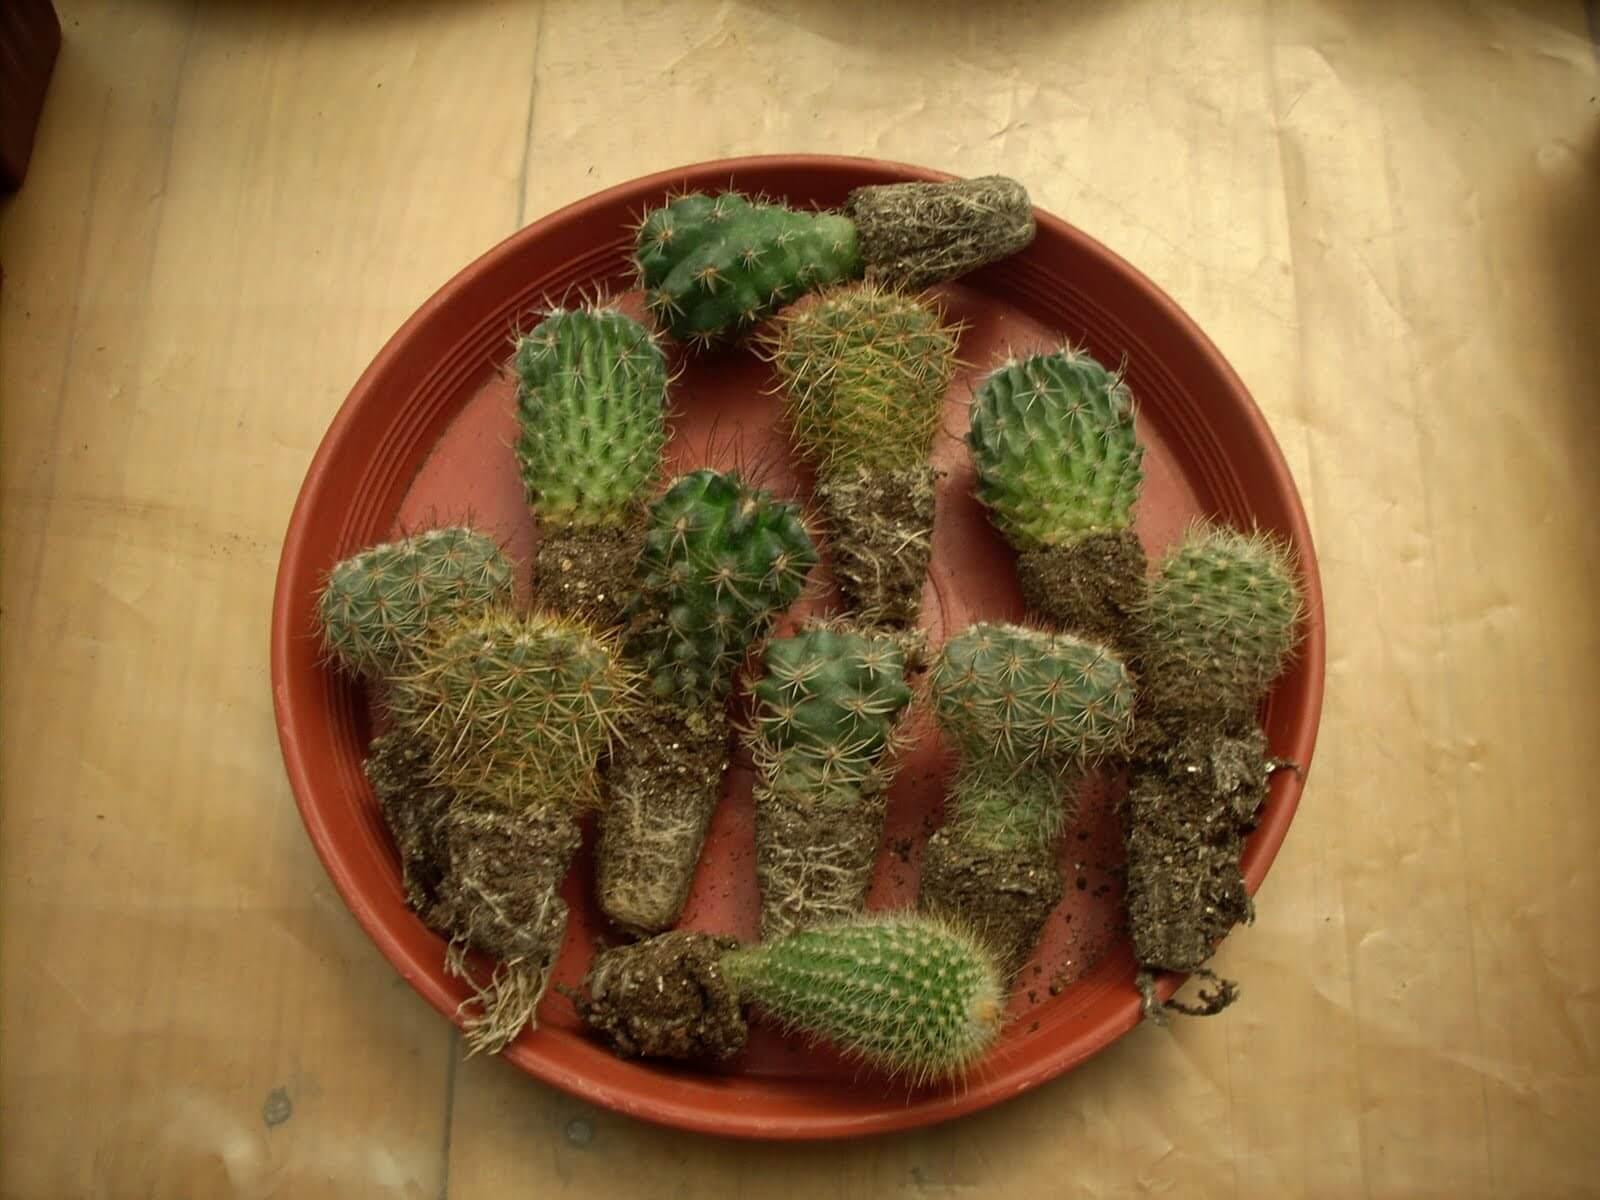 trasplantar los cactus